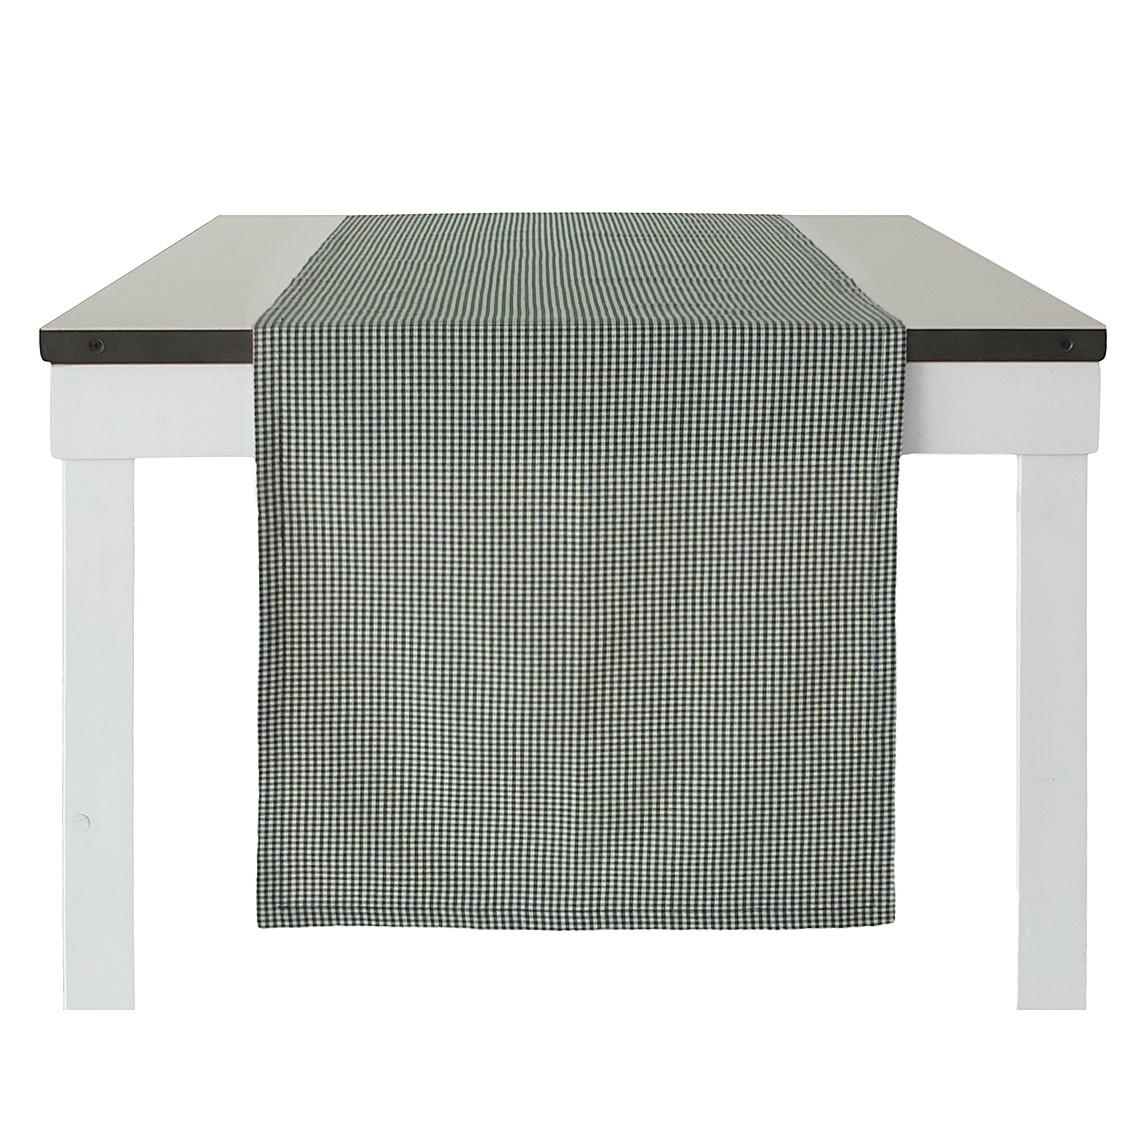 Tischläufer T-Petty (50×150 cm) – Grün, Tom Tailor online bestellen